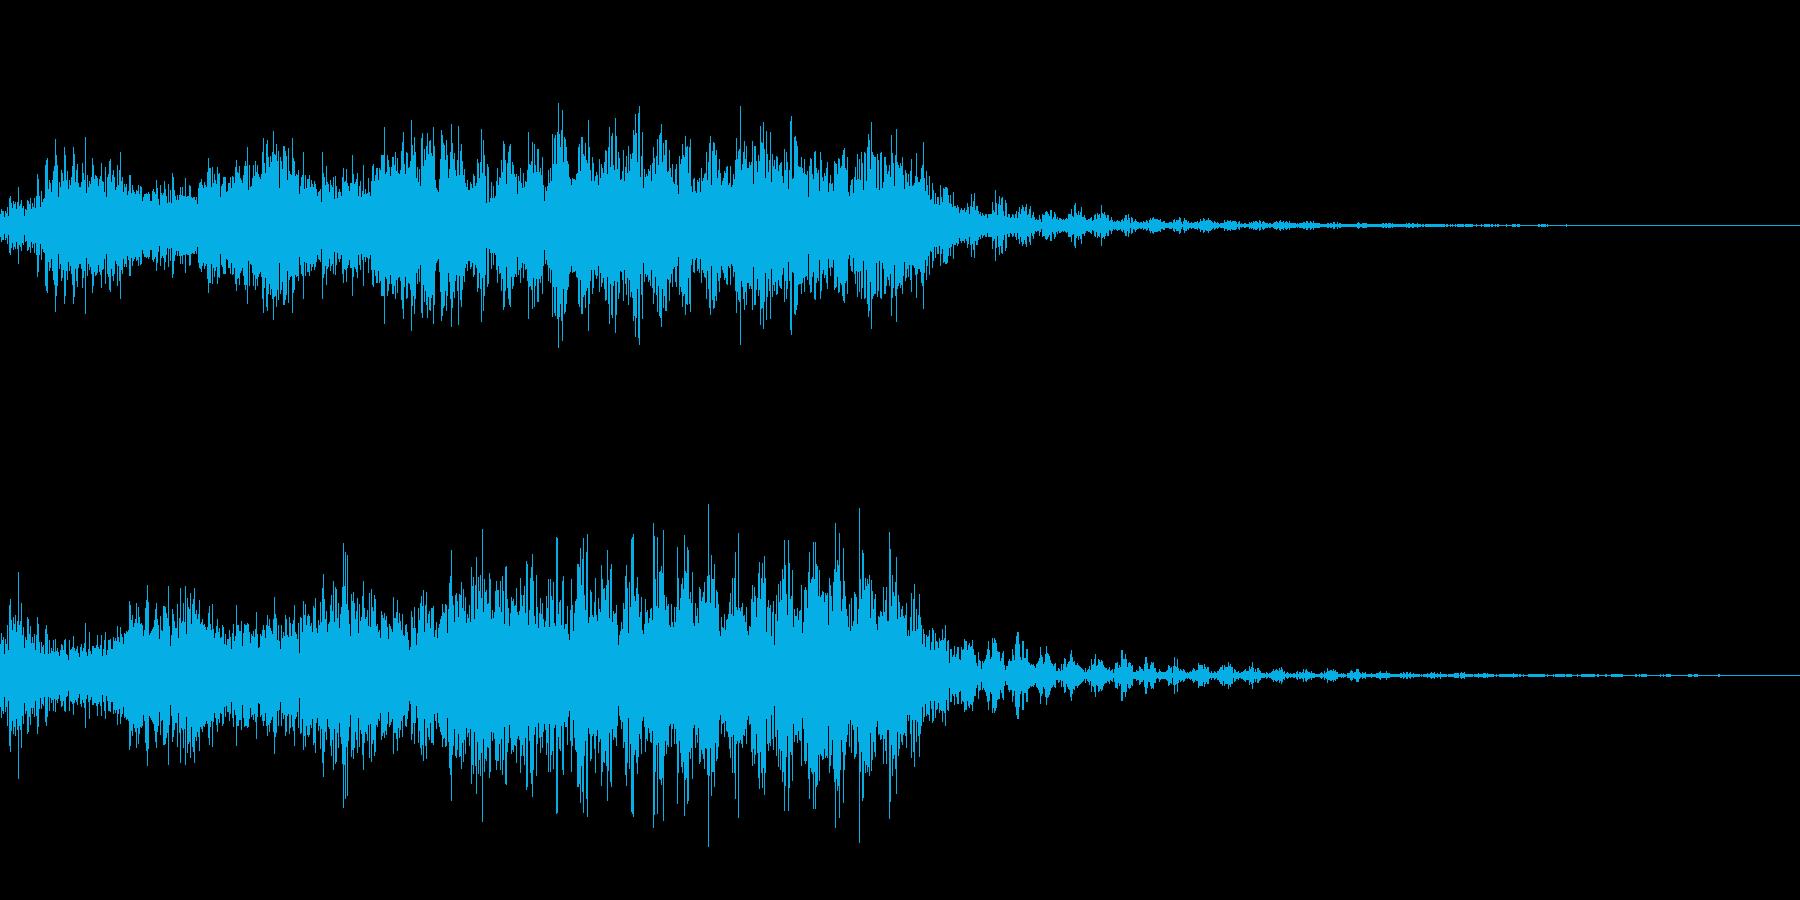 レーザービーム_その2の再生済みの波形